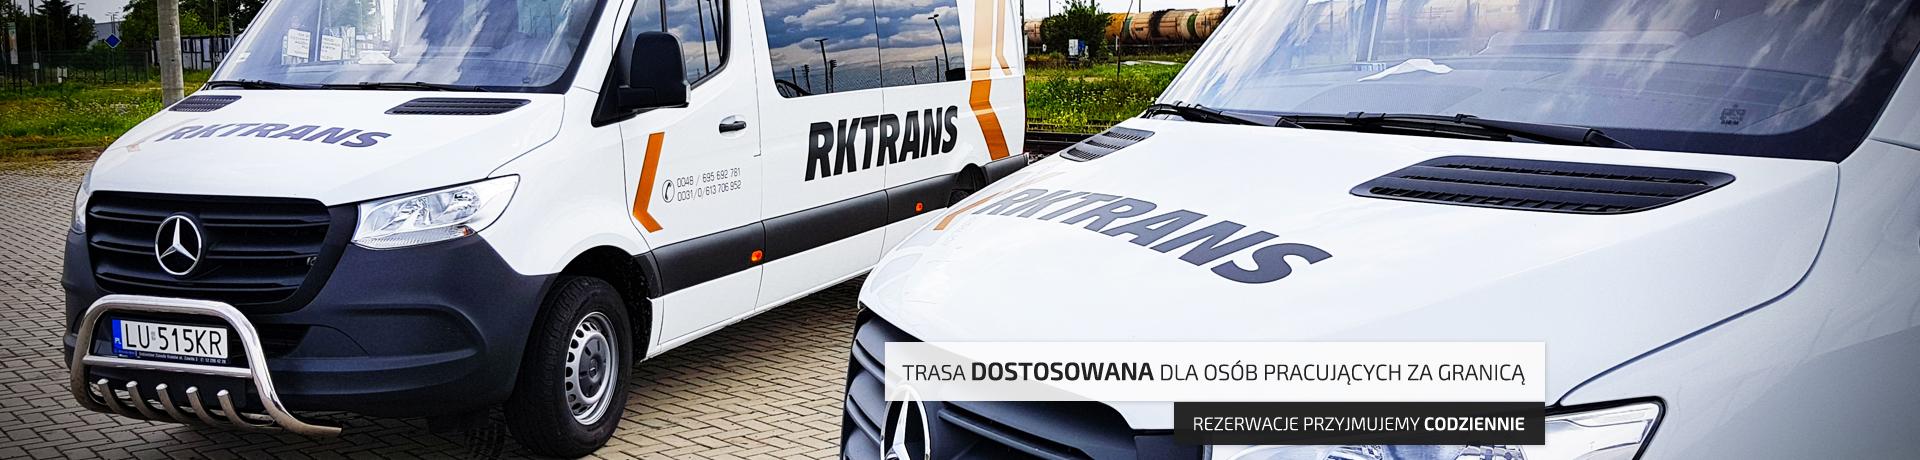 Busy do Niemiec - trasa dostosowana dla osób pracujących za granicą